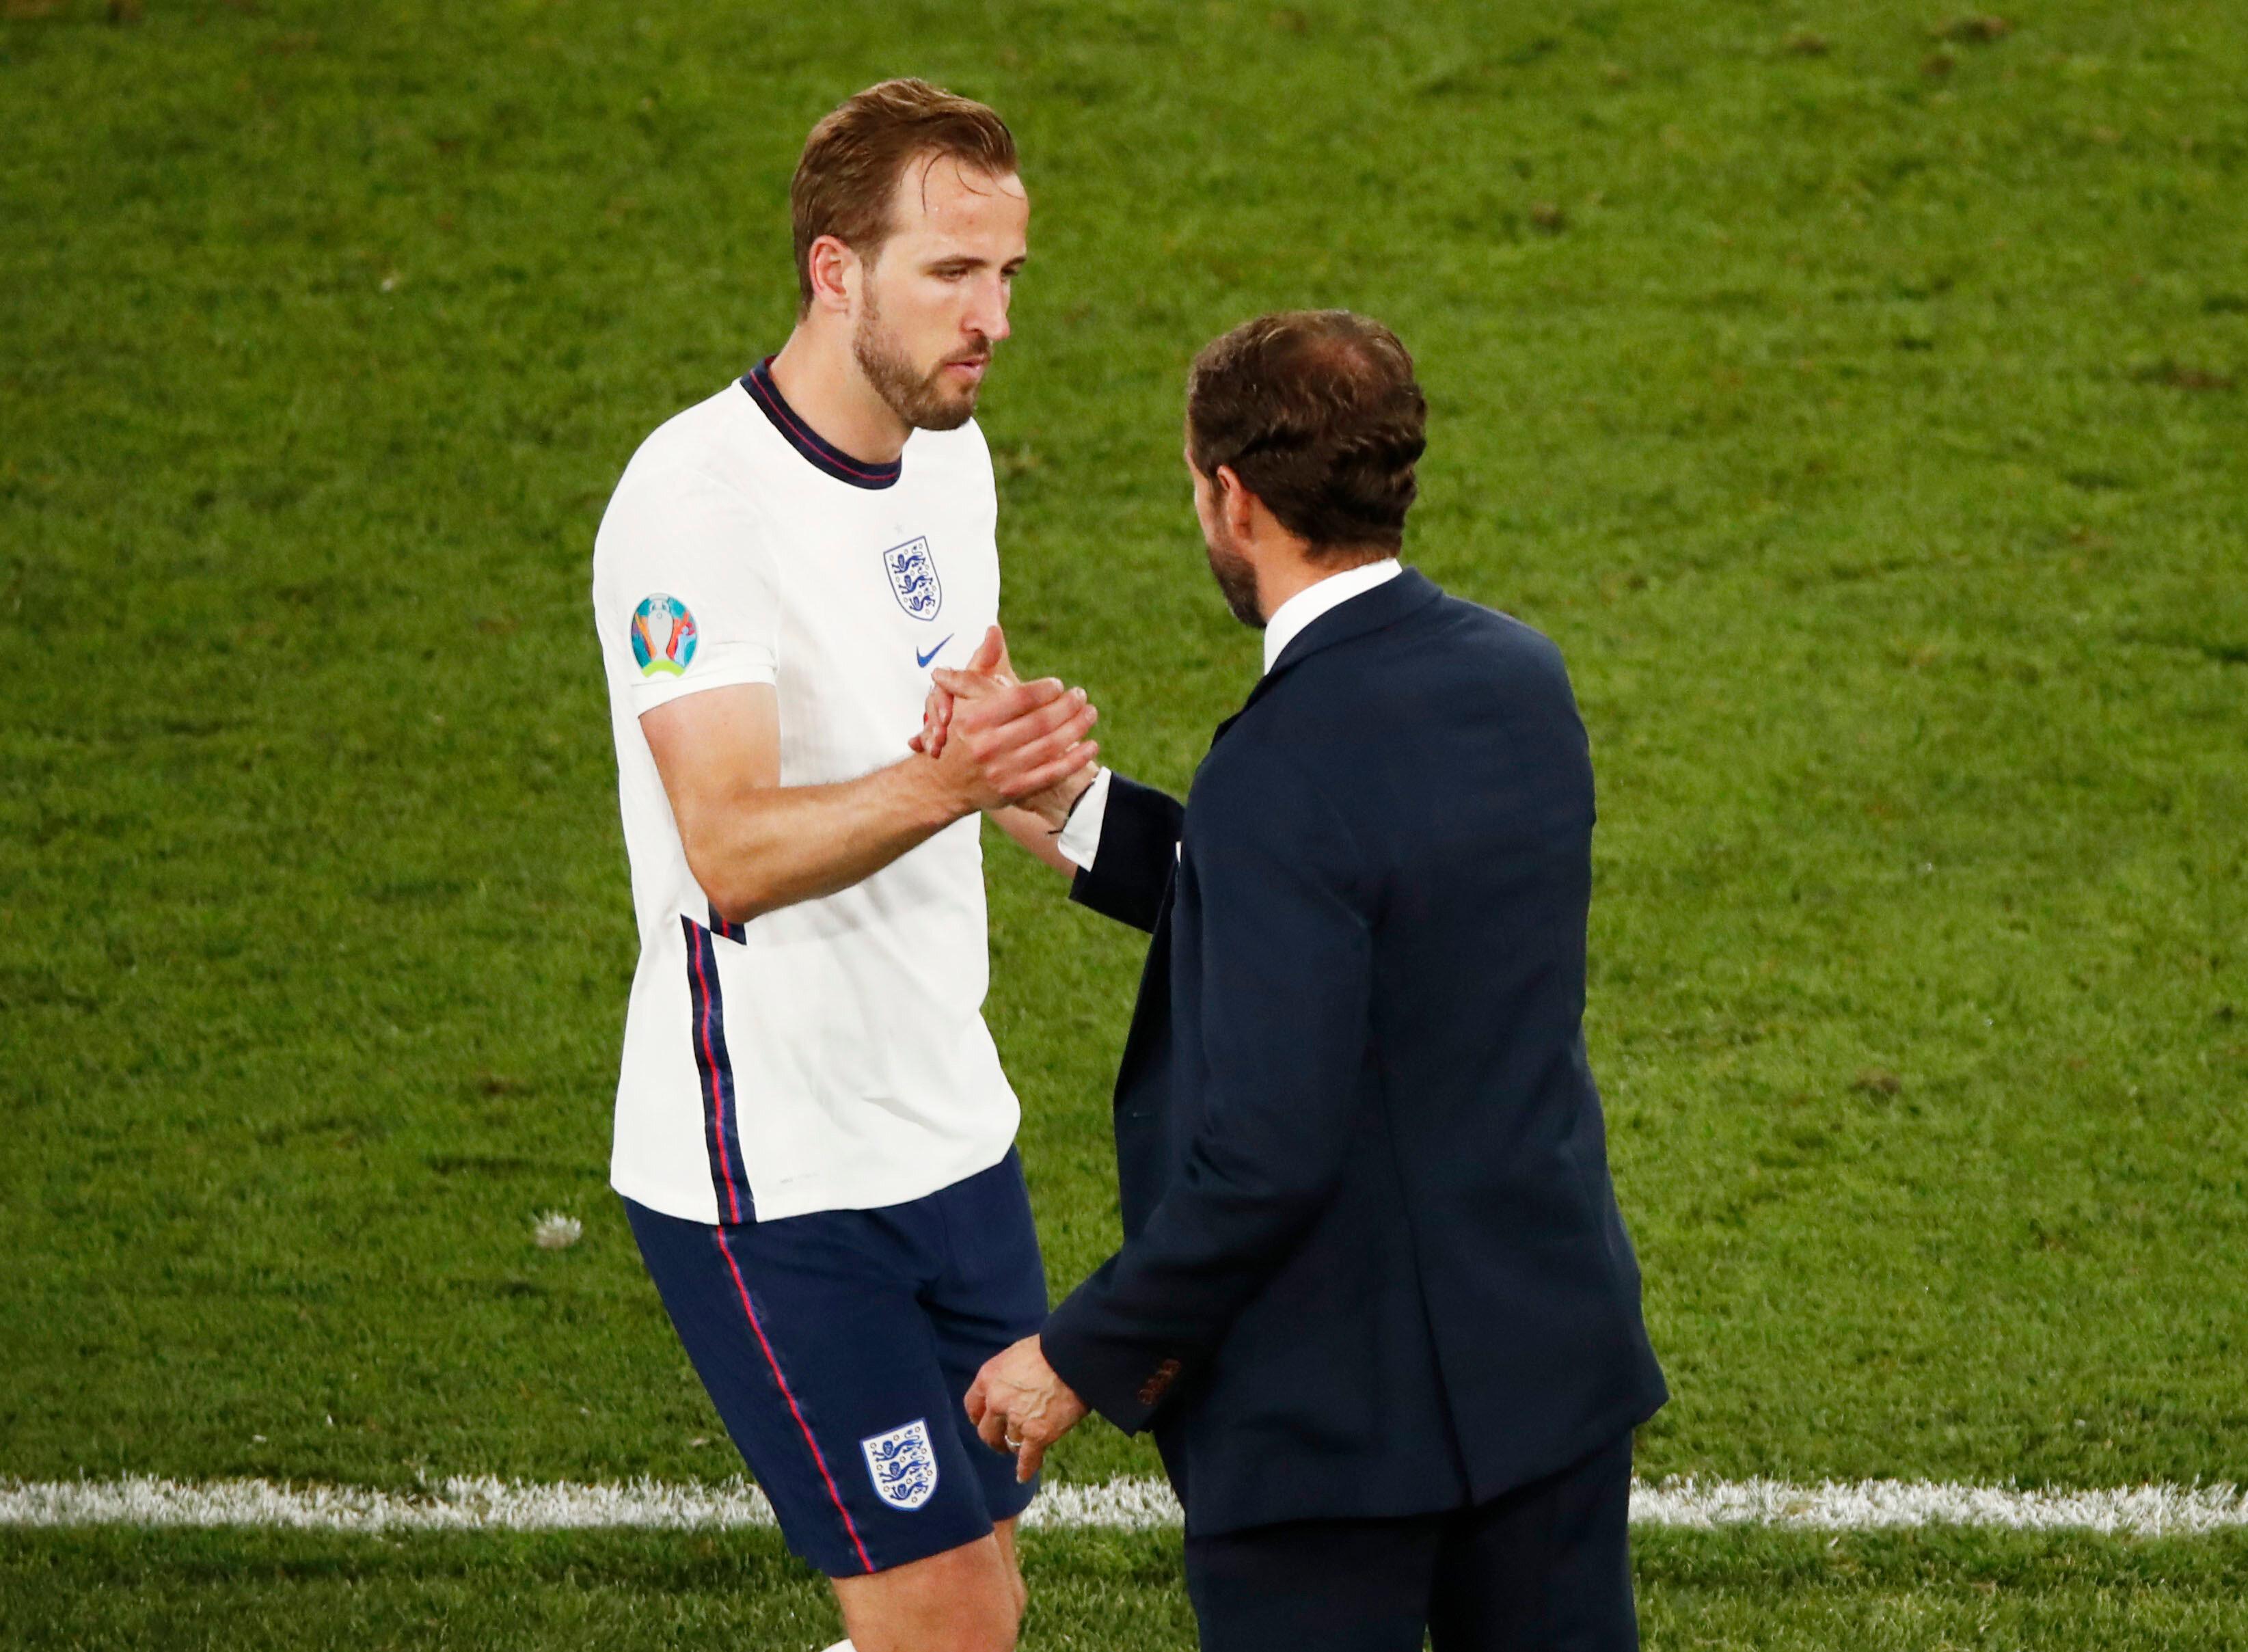 Harry Kane attığı ikinci golden kısa bir sonra teknik direktör Gareth Southgate tarafından oyundan alındı.